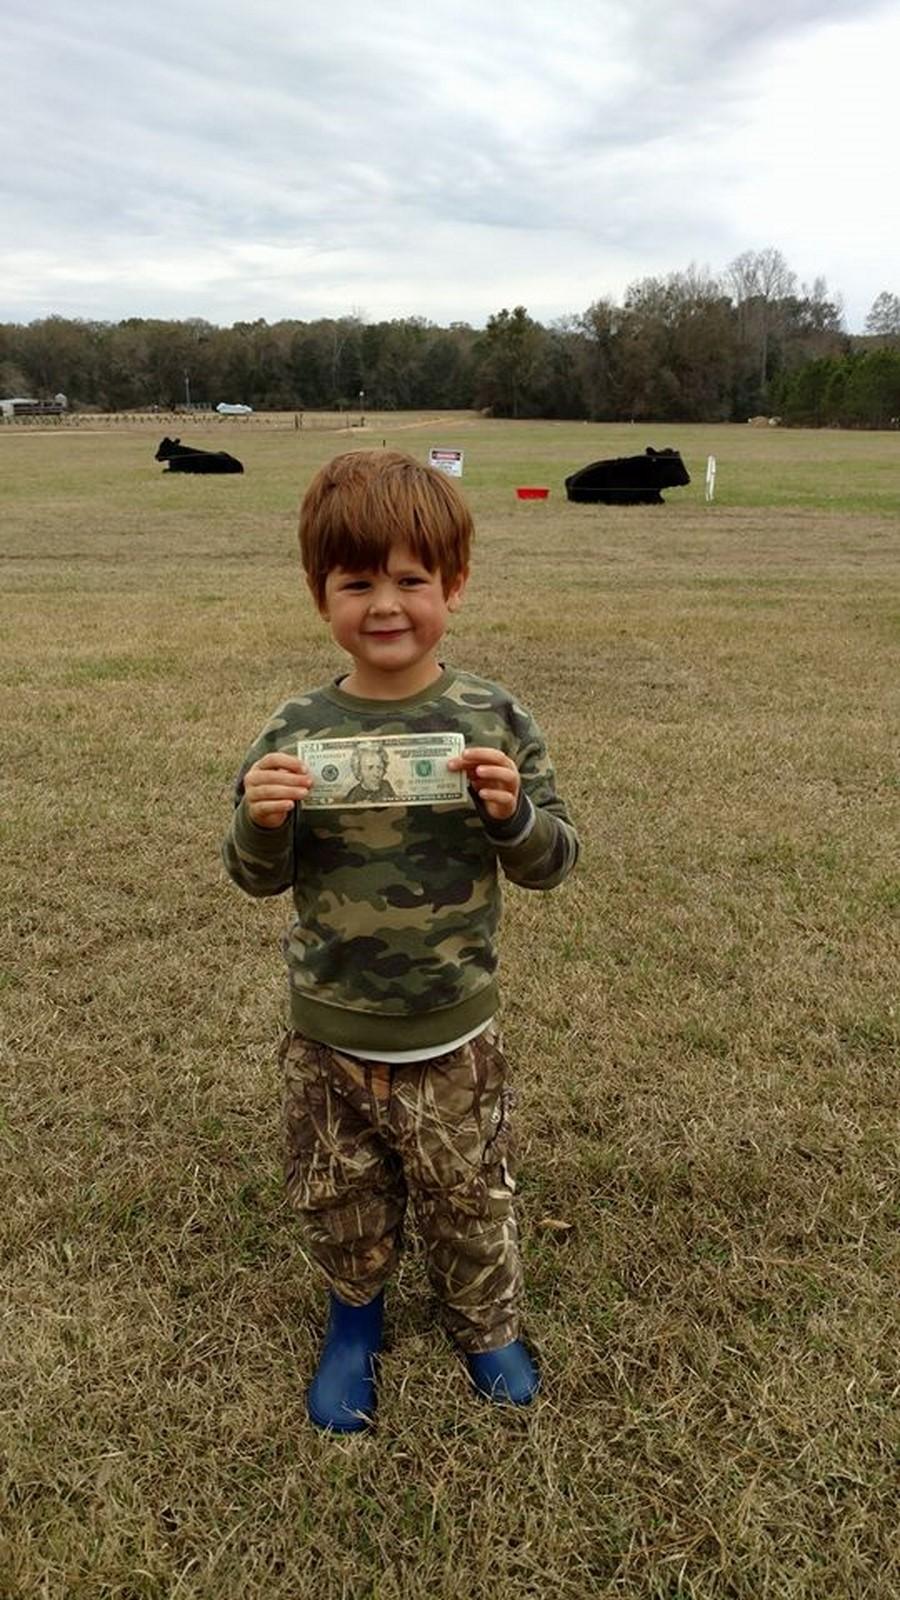 Маленький мальчик залез на быка после спора с отцом на 20 долларов (ВИДЕО)